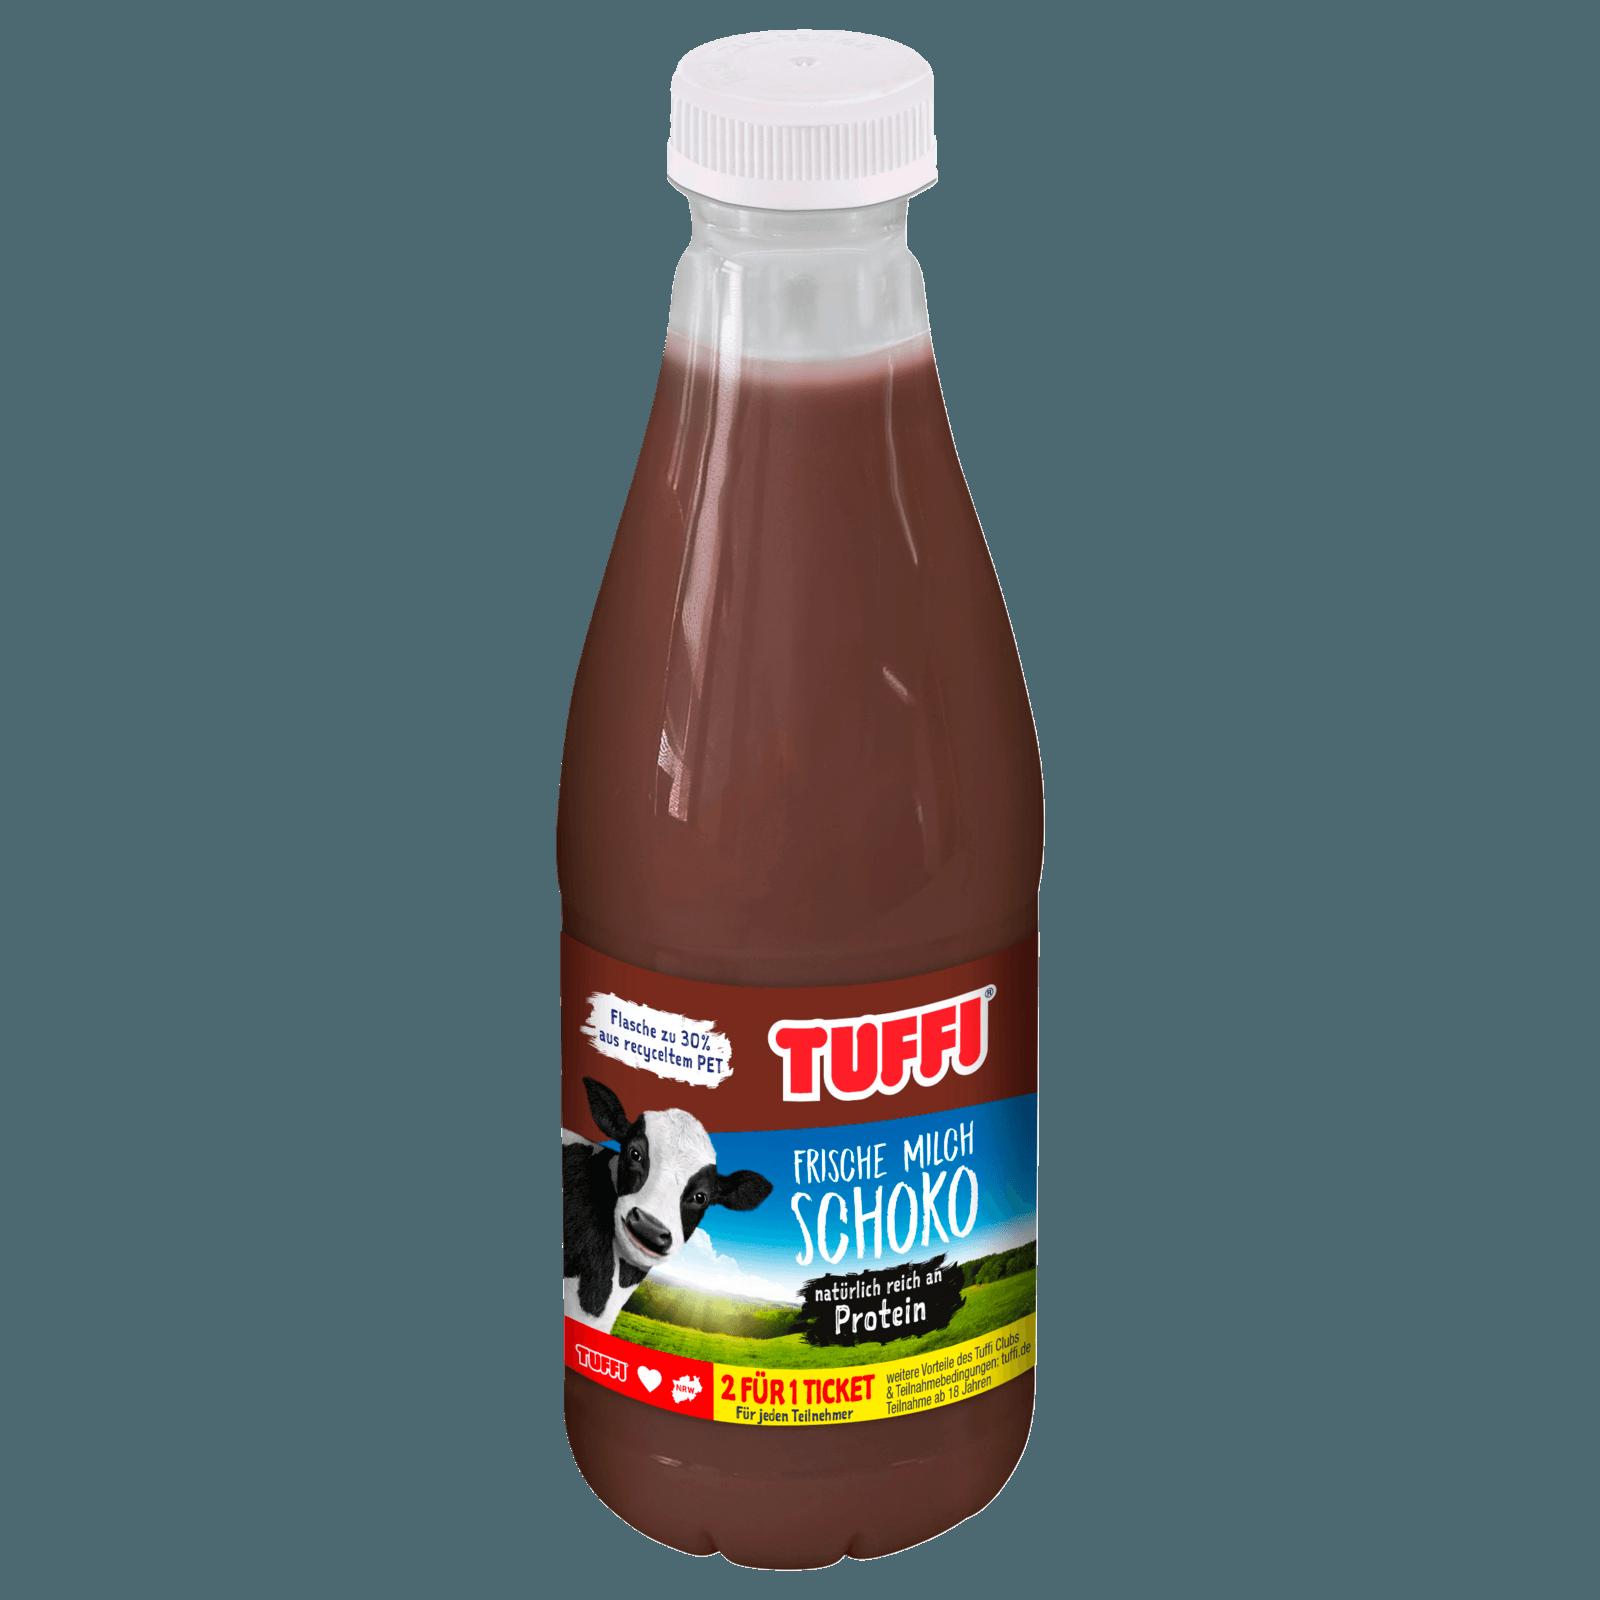 Tuffi Kakao-Drink 0,5l